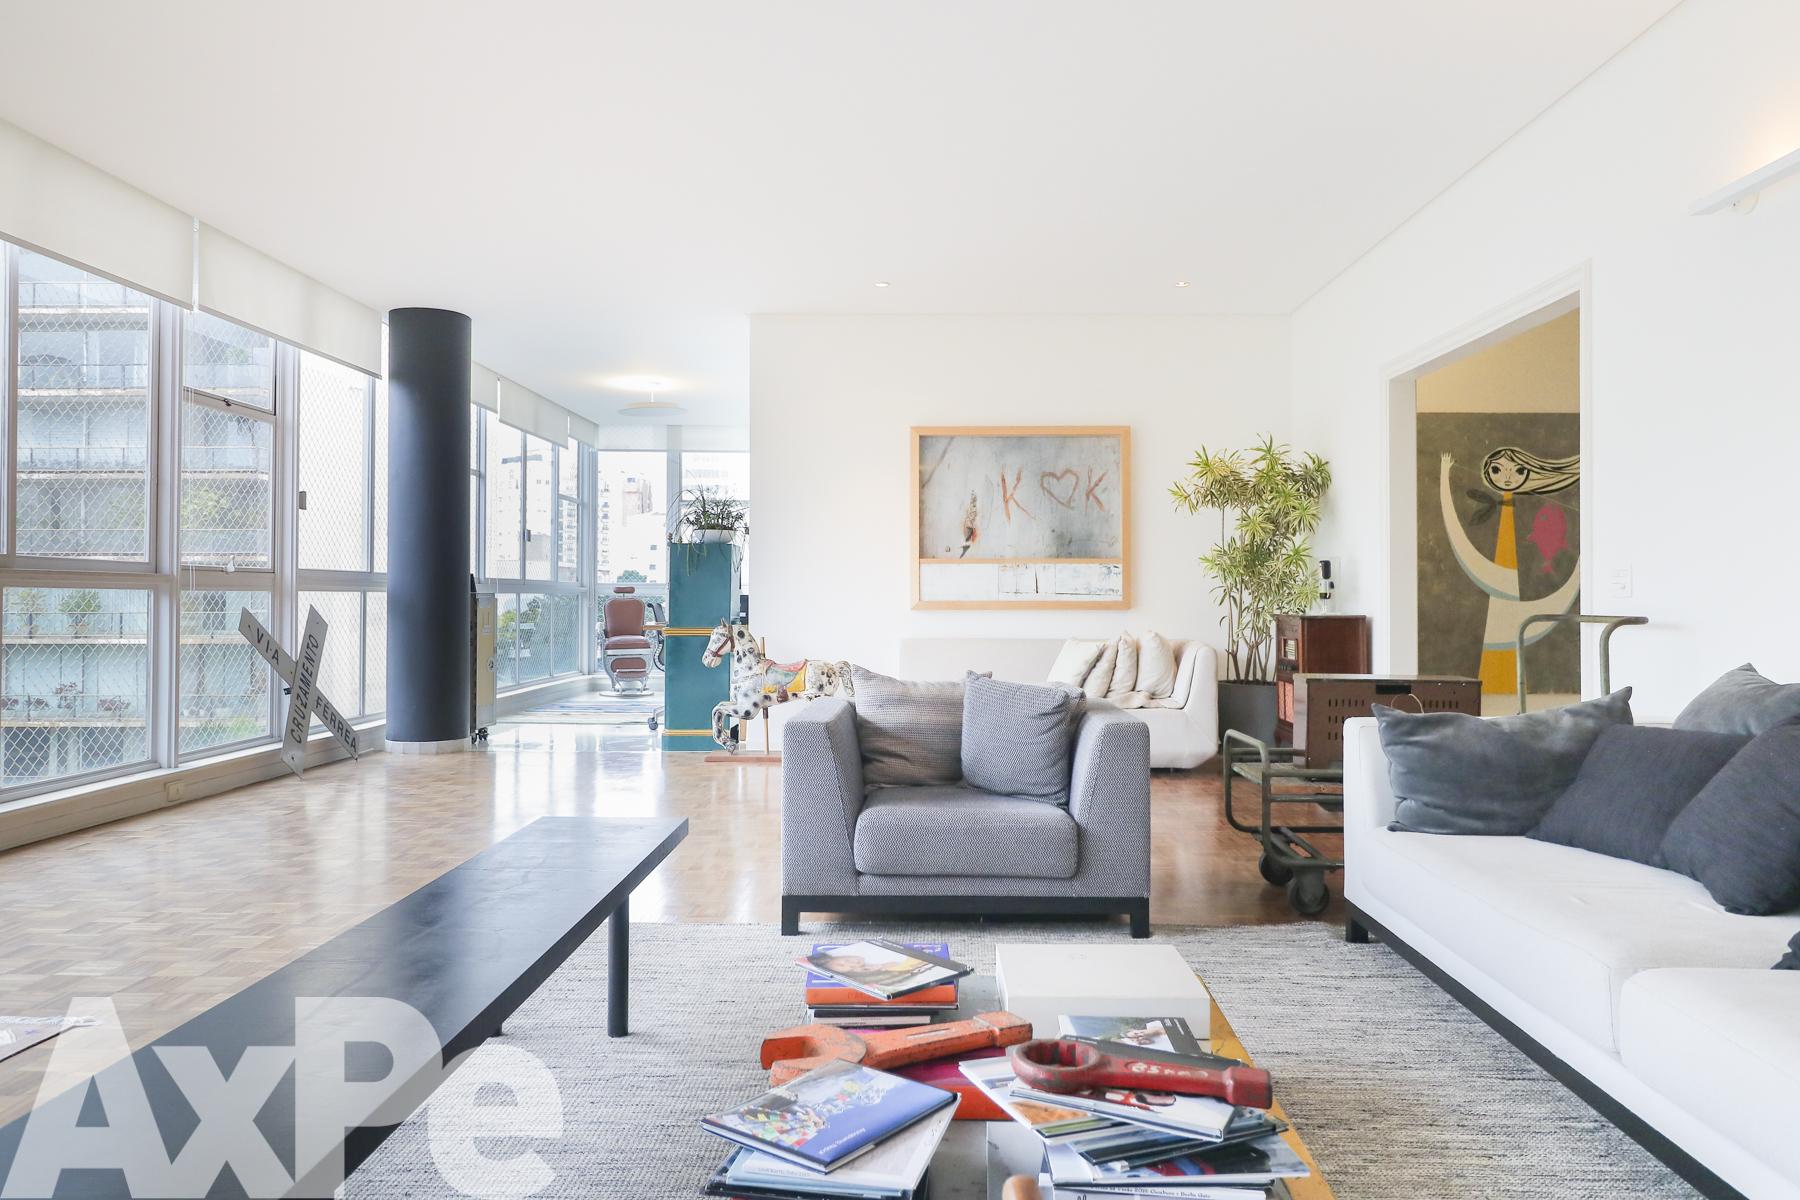 Axpe Apartamento - AX5068